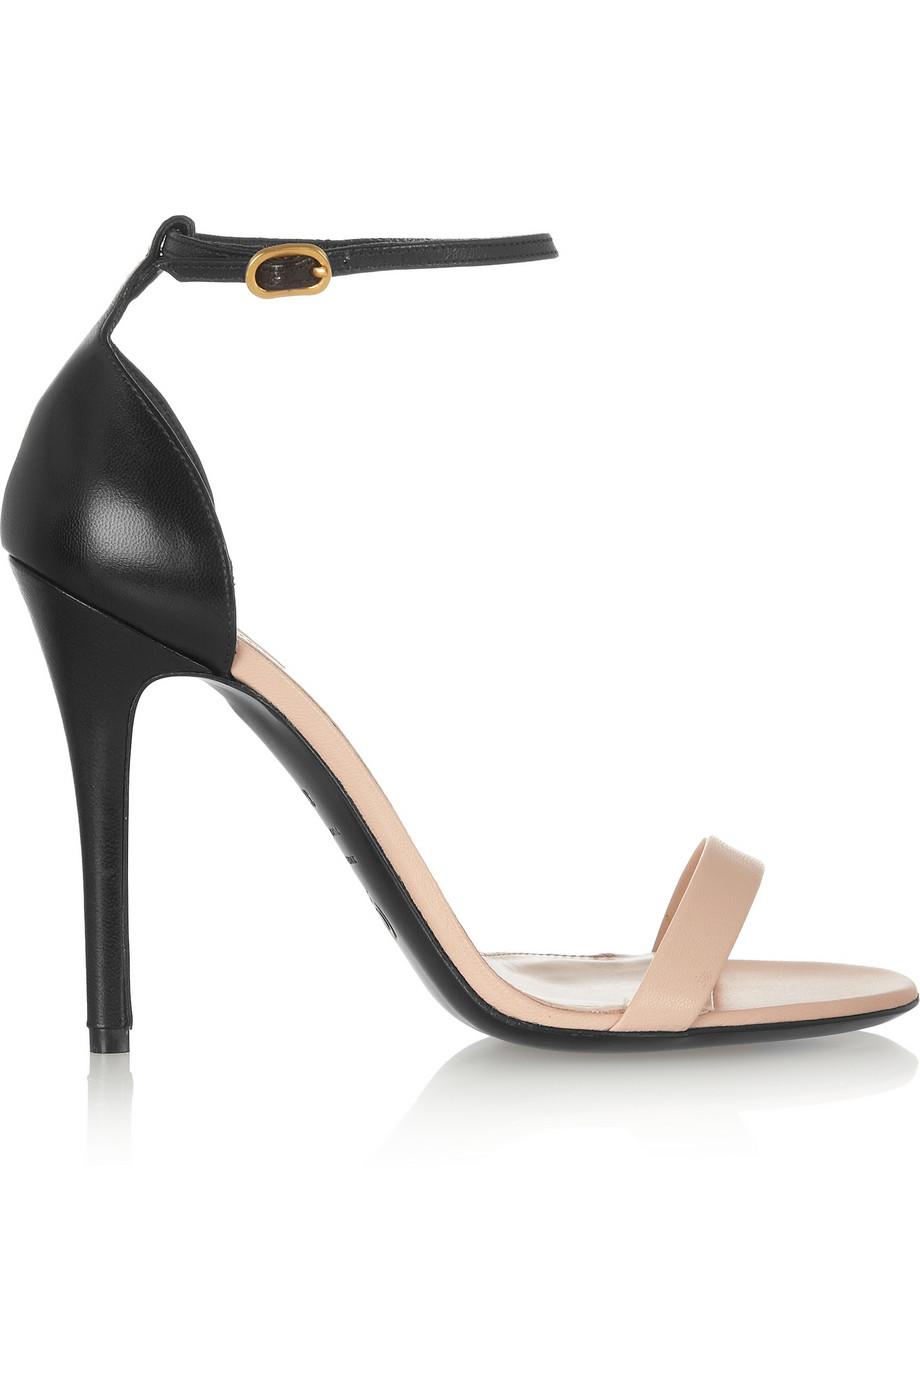 3db31cc5d67 Shoeniverse  ALEXANDER MCQUEEN Beige Two-Tone Leather Sandals